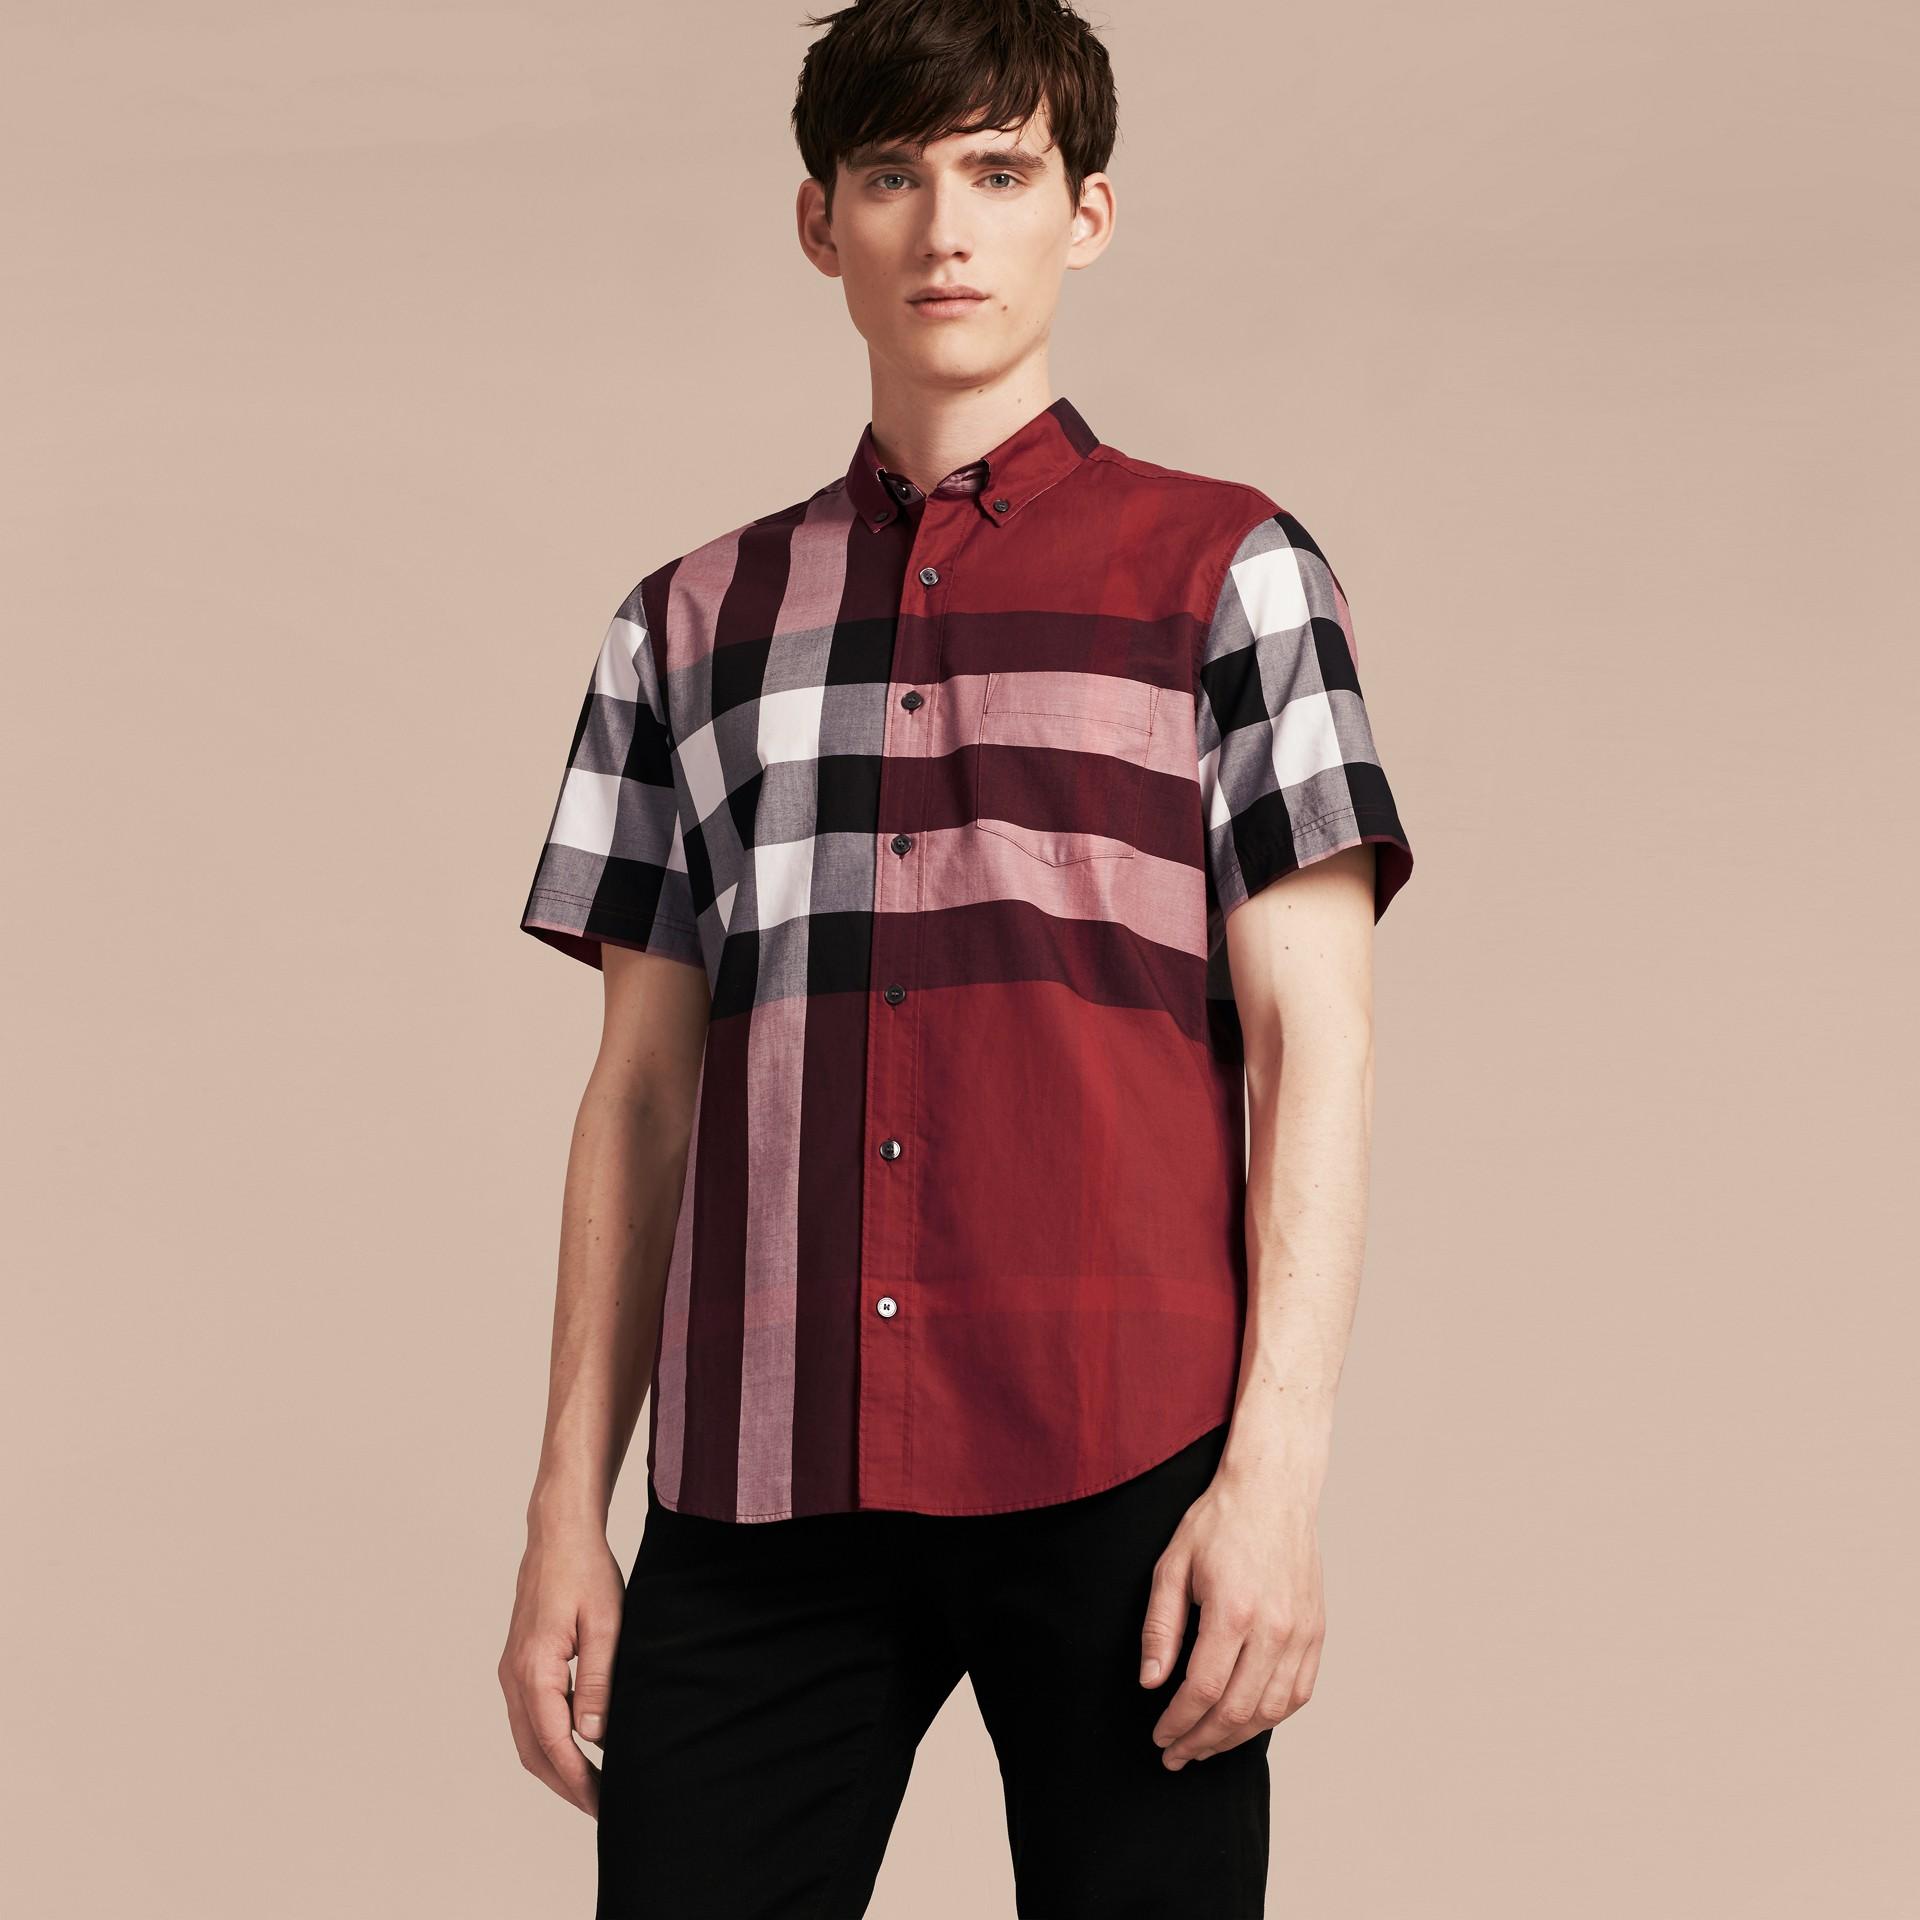 Berry red Camisa de algodão com estampa xadrez e mangas curtas Berry Red - galeria de imagens 6